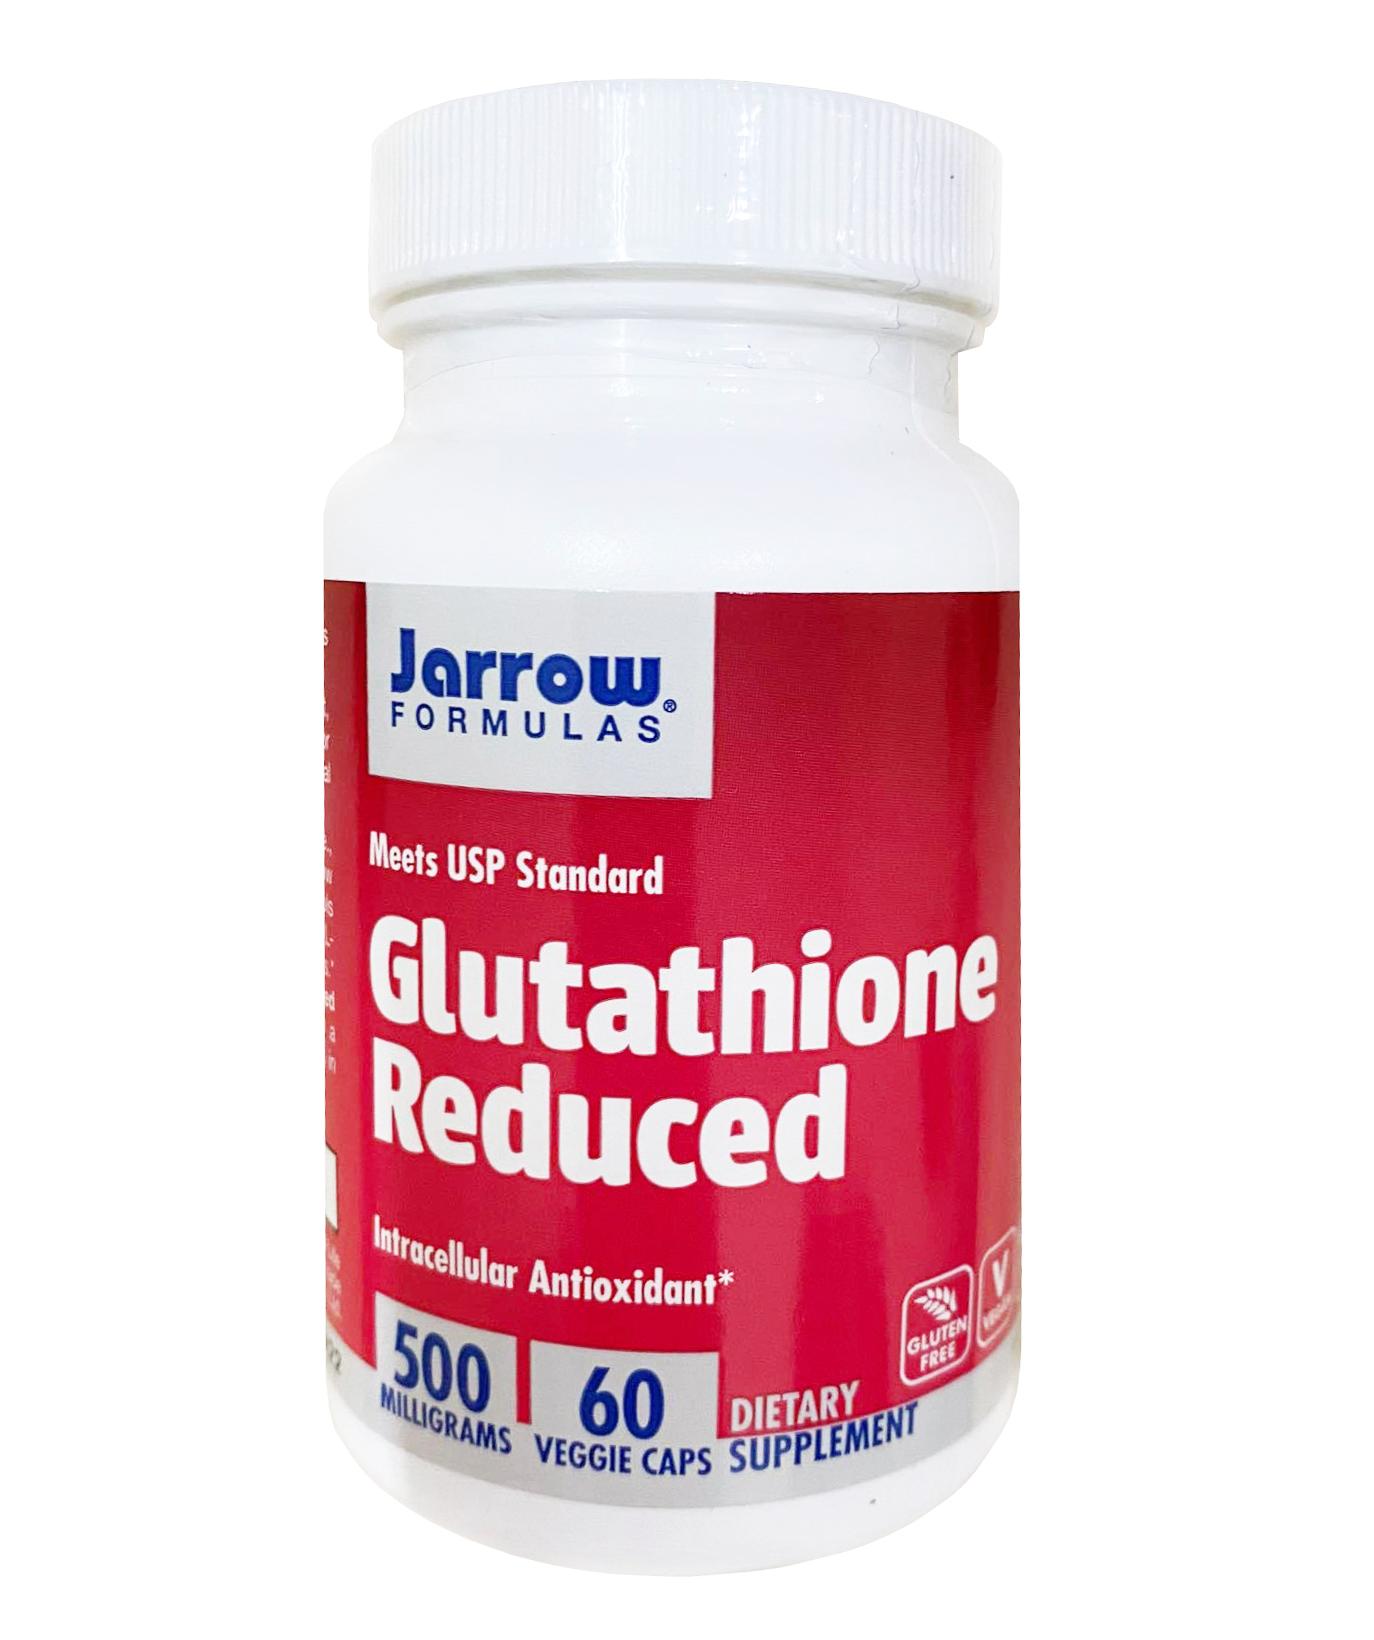 Viên uống hỗ trợ trắng da Jarrow Glutathione 500 mg (mẫu mới)